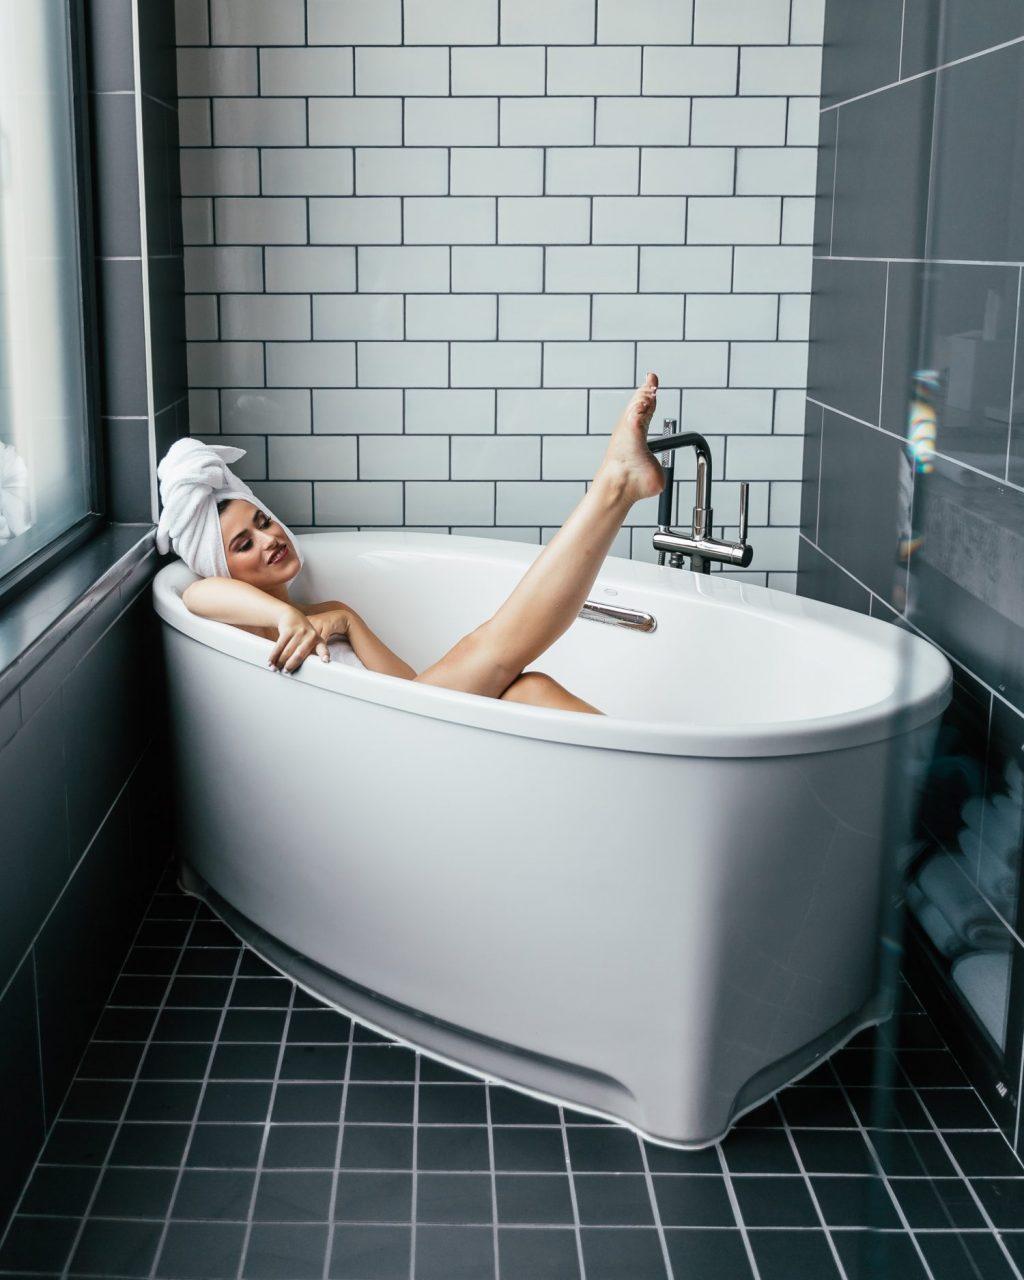 Muối biển chết-Cô gái ngồi trong bồn tắm.